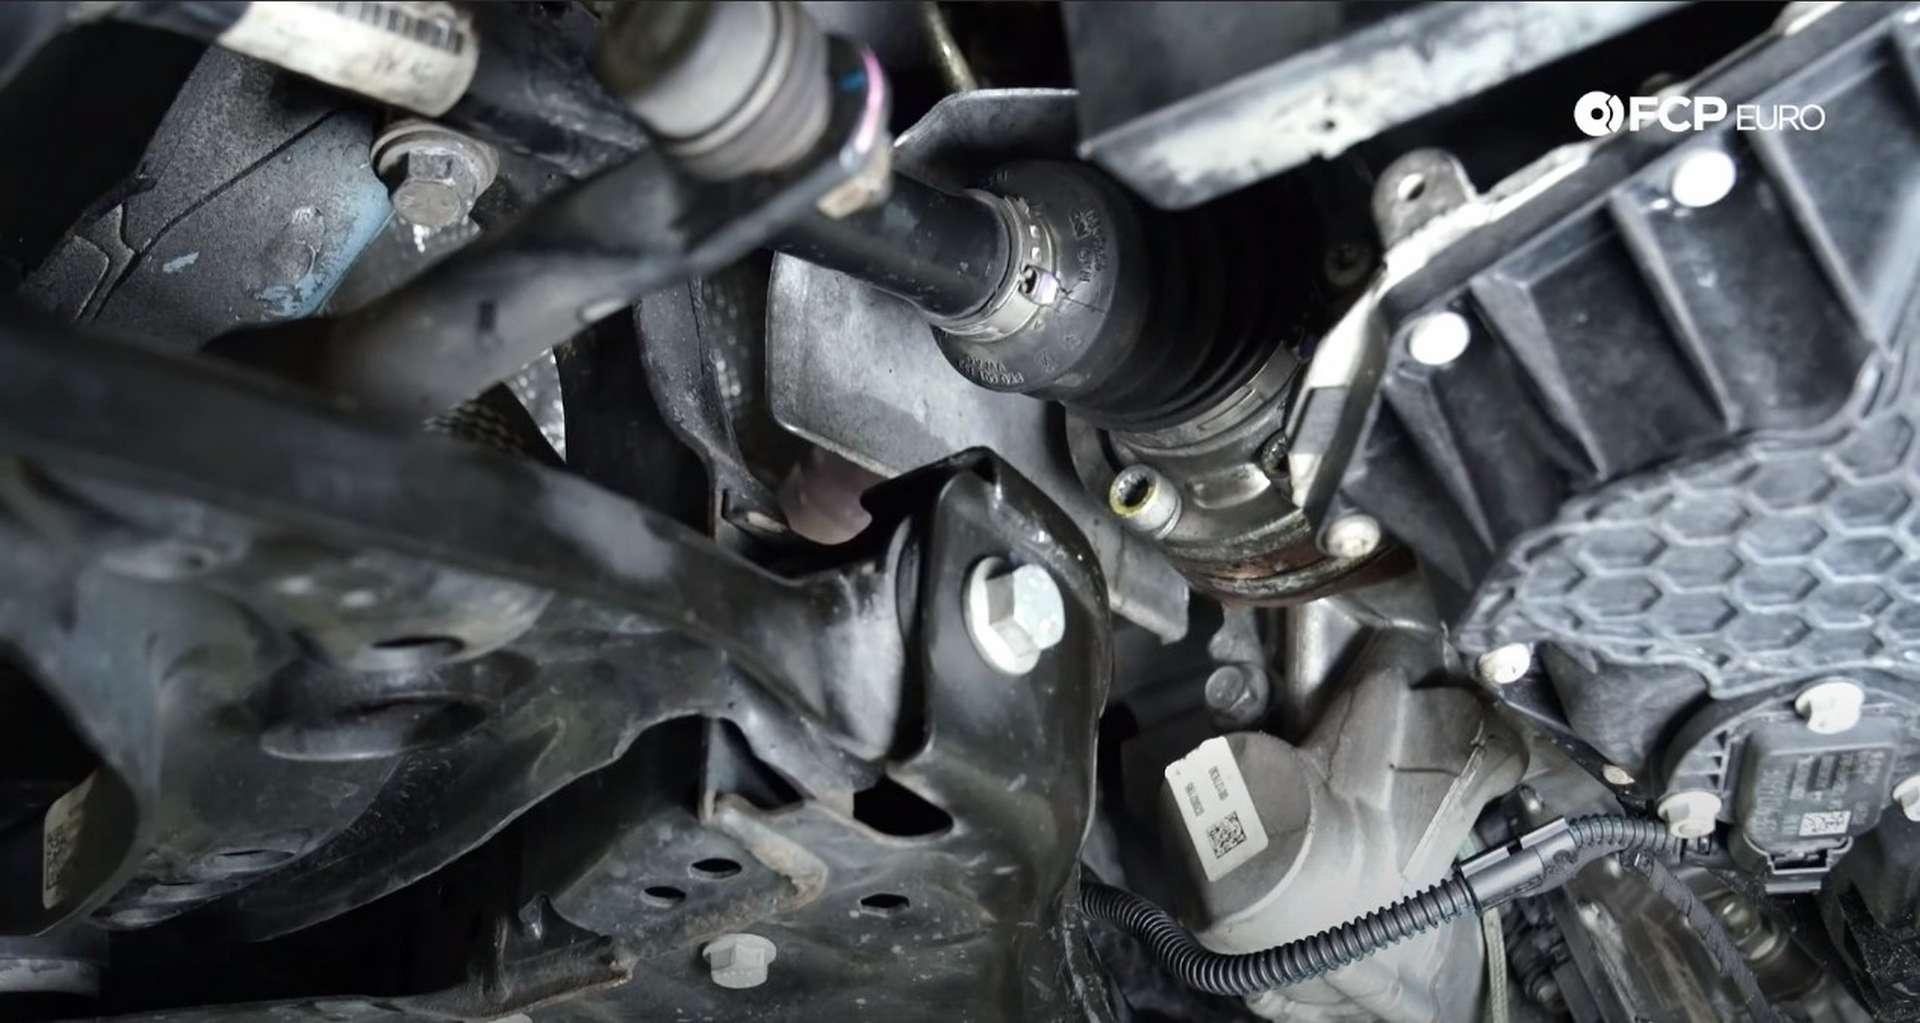 68-DIY_VW_GTI_Clutch-Job-Reinstalling-Axle-Heat-Shield